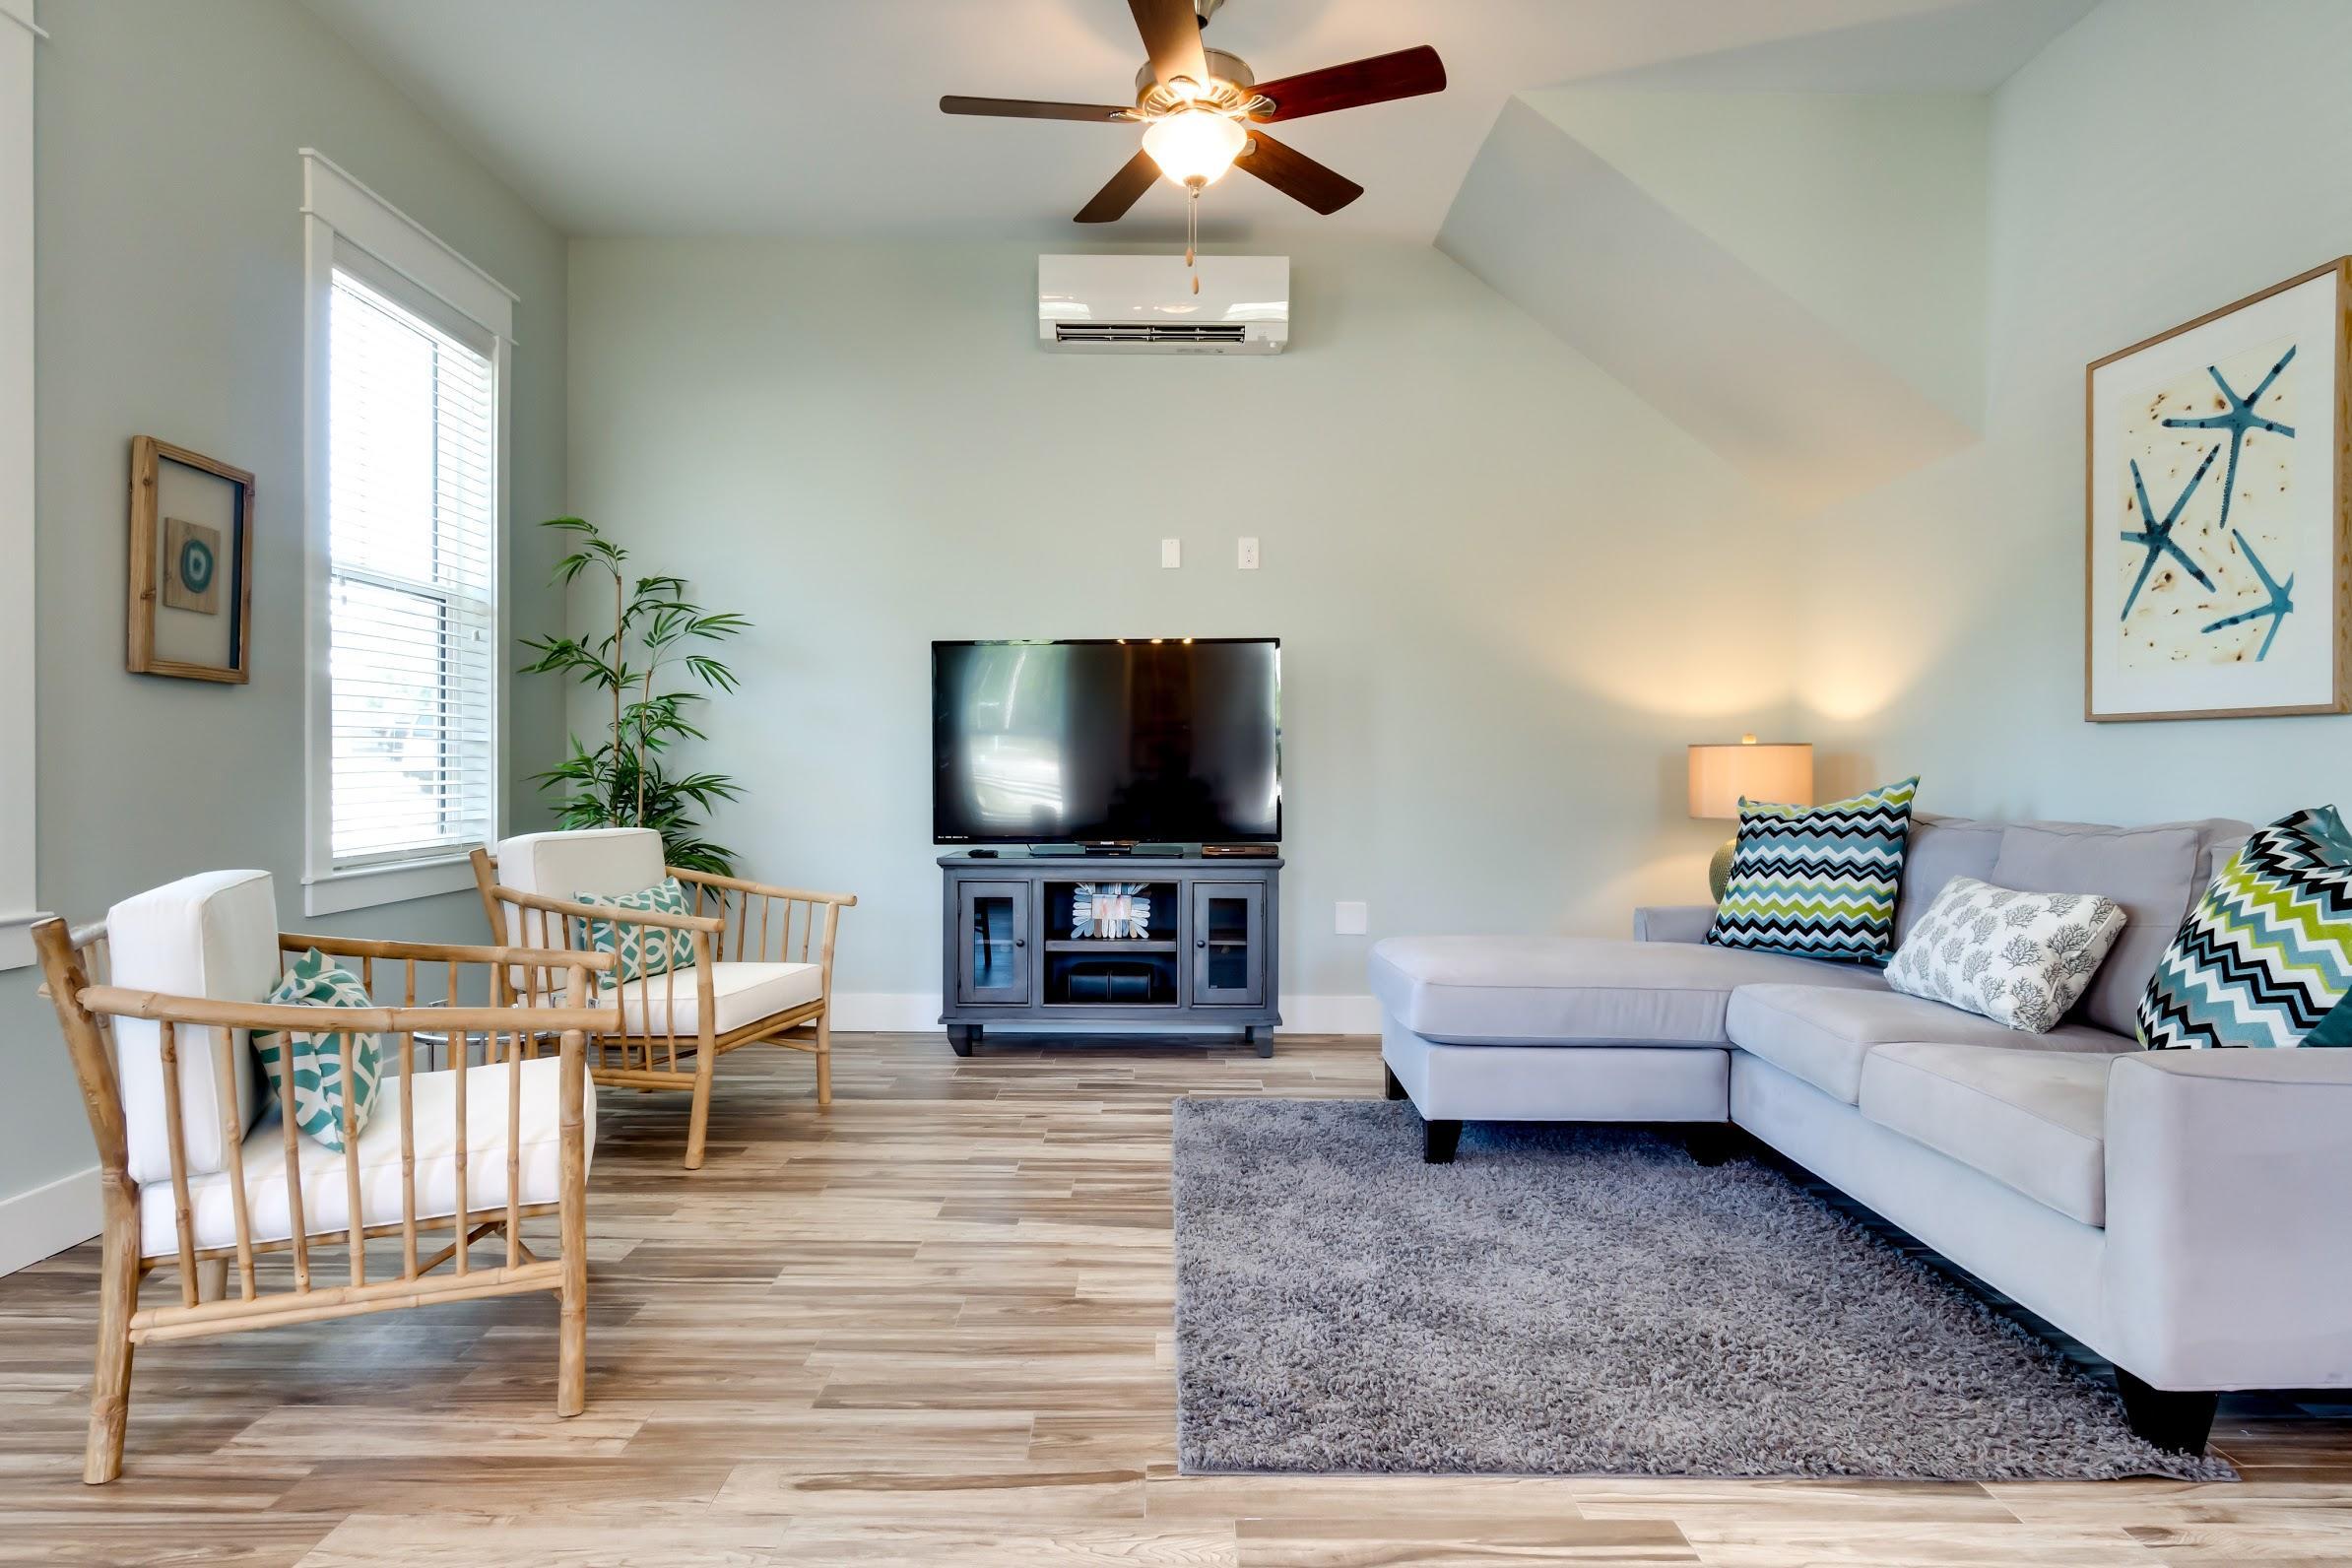 Lot 5 Euvino Way, Santa Rosa Beach, FL 32459